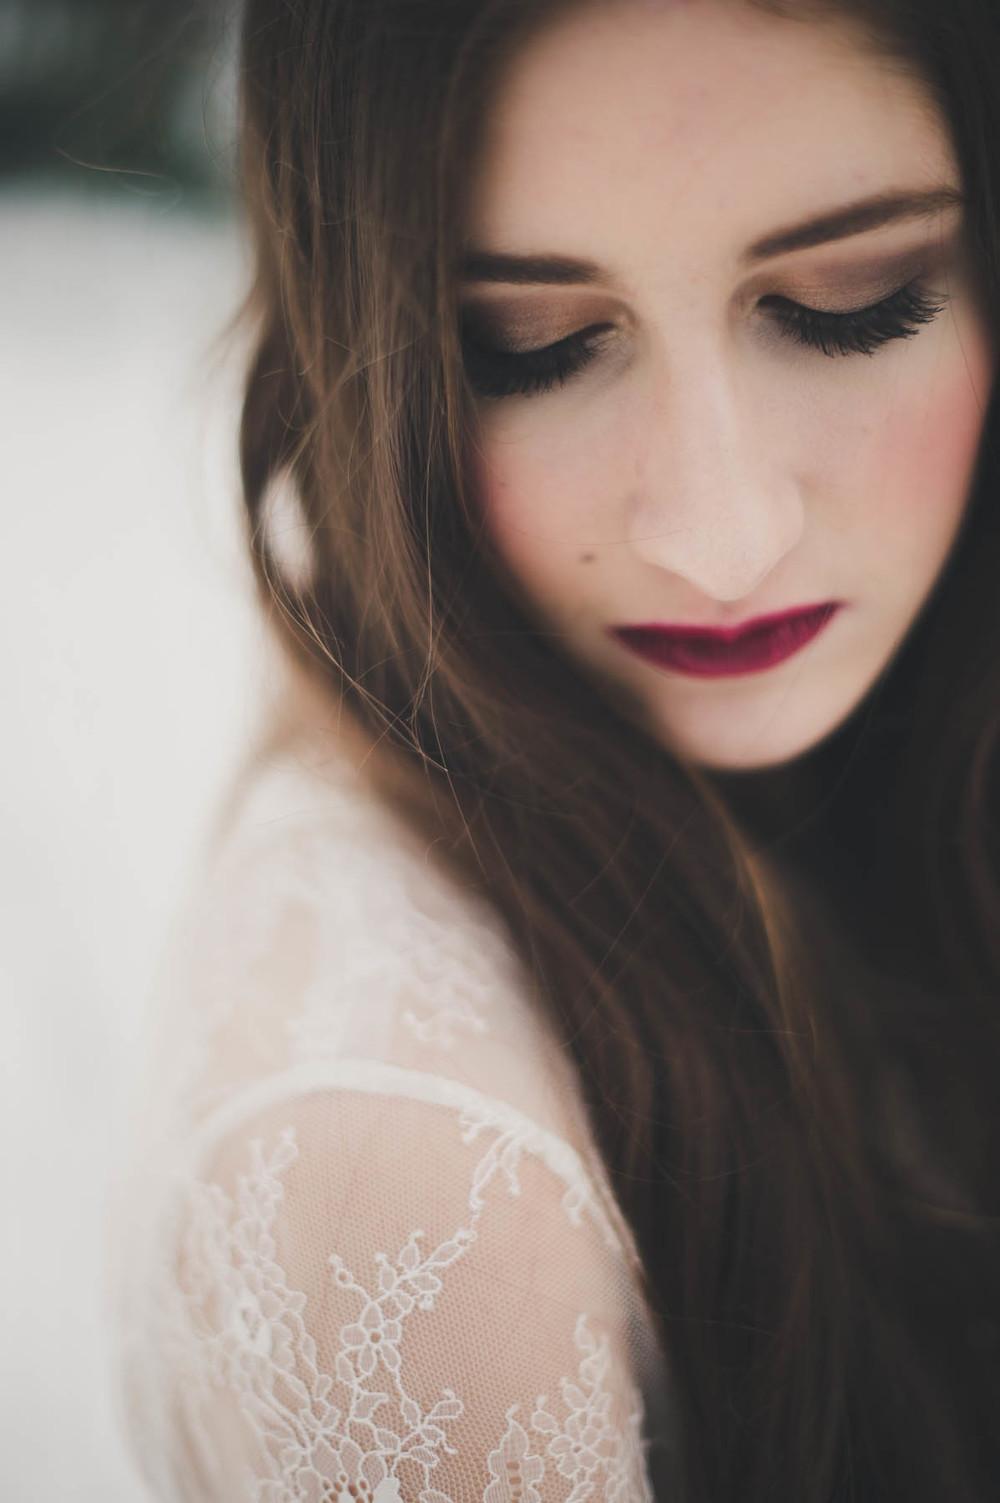 Vancouver Makeup Artist - Katie Elwood